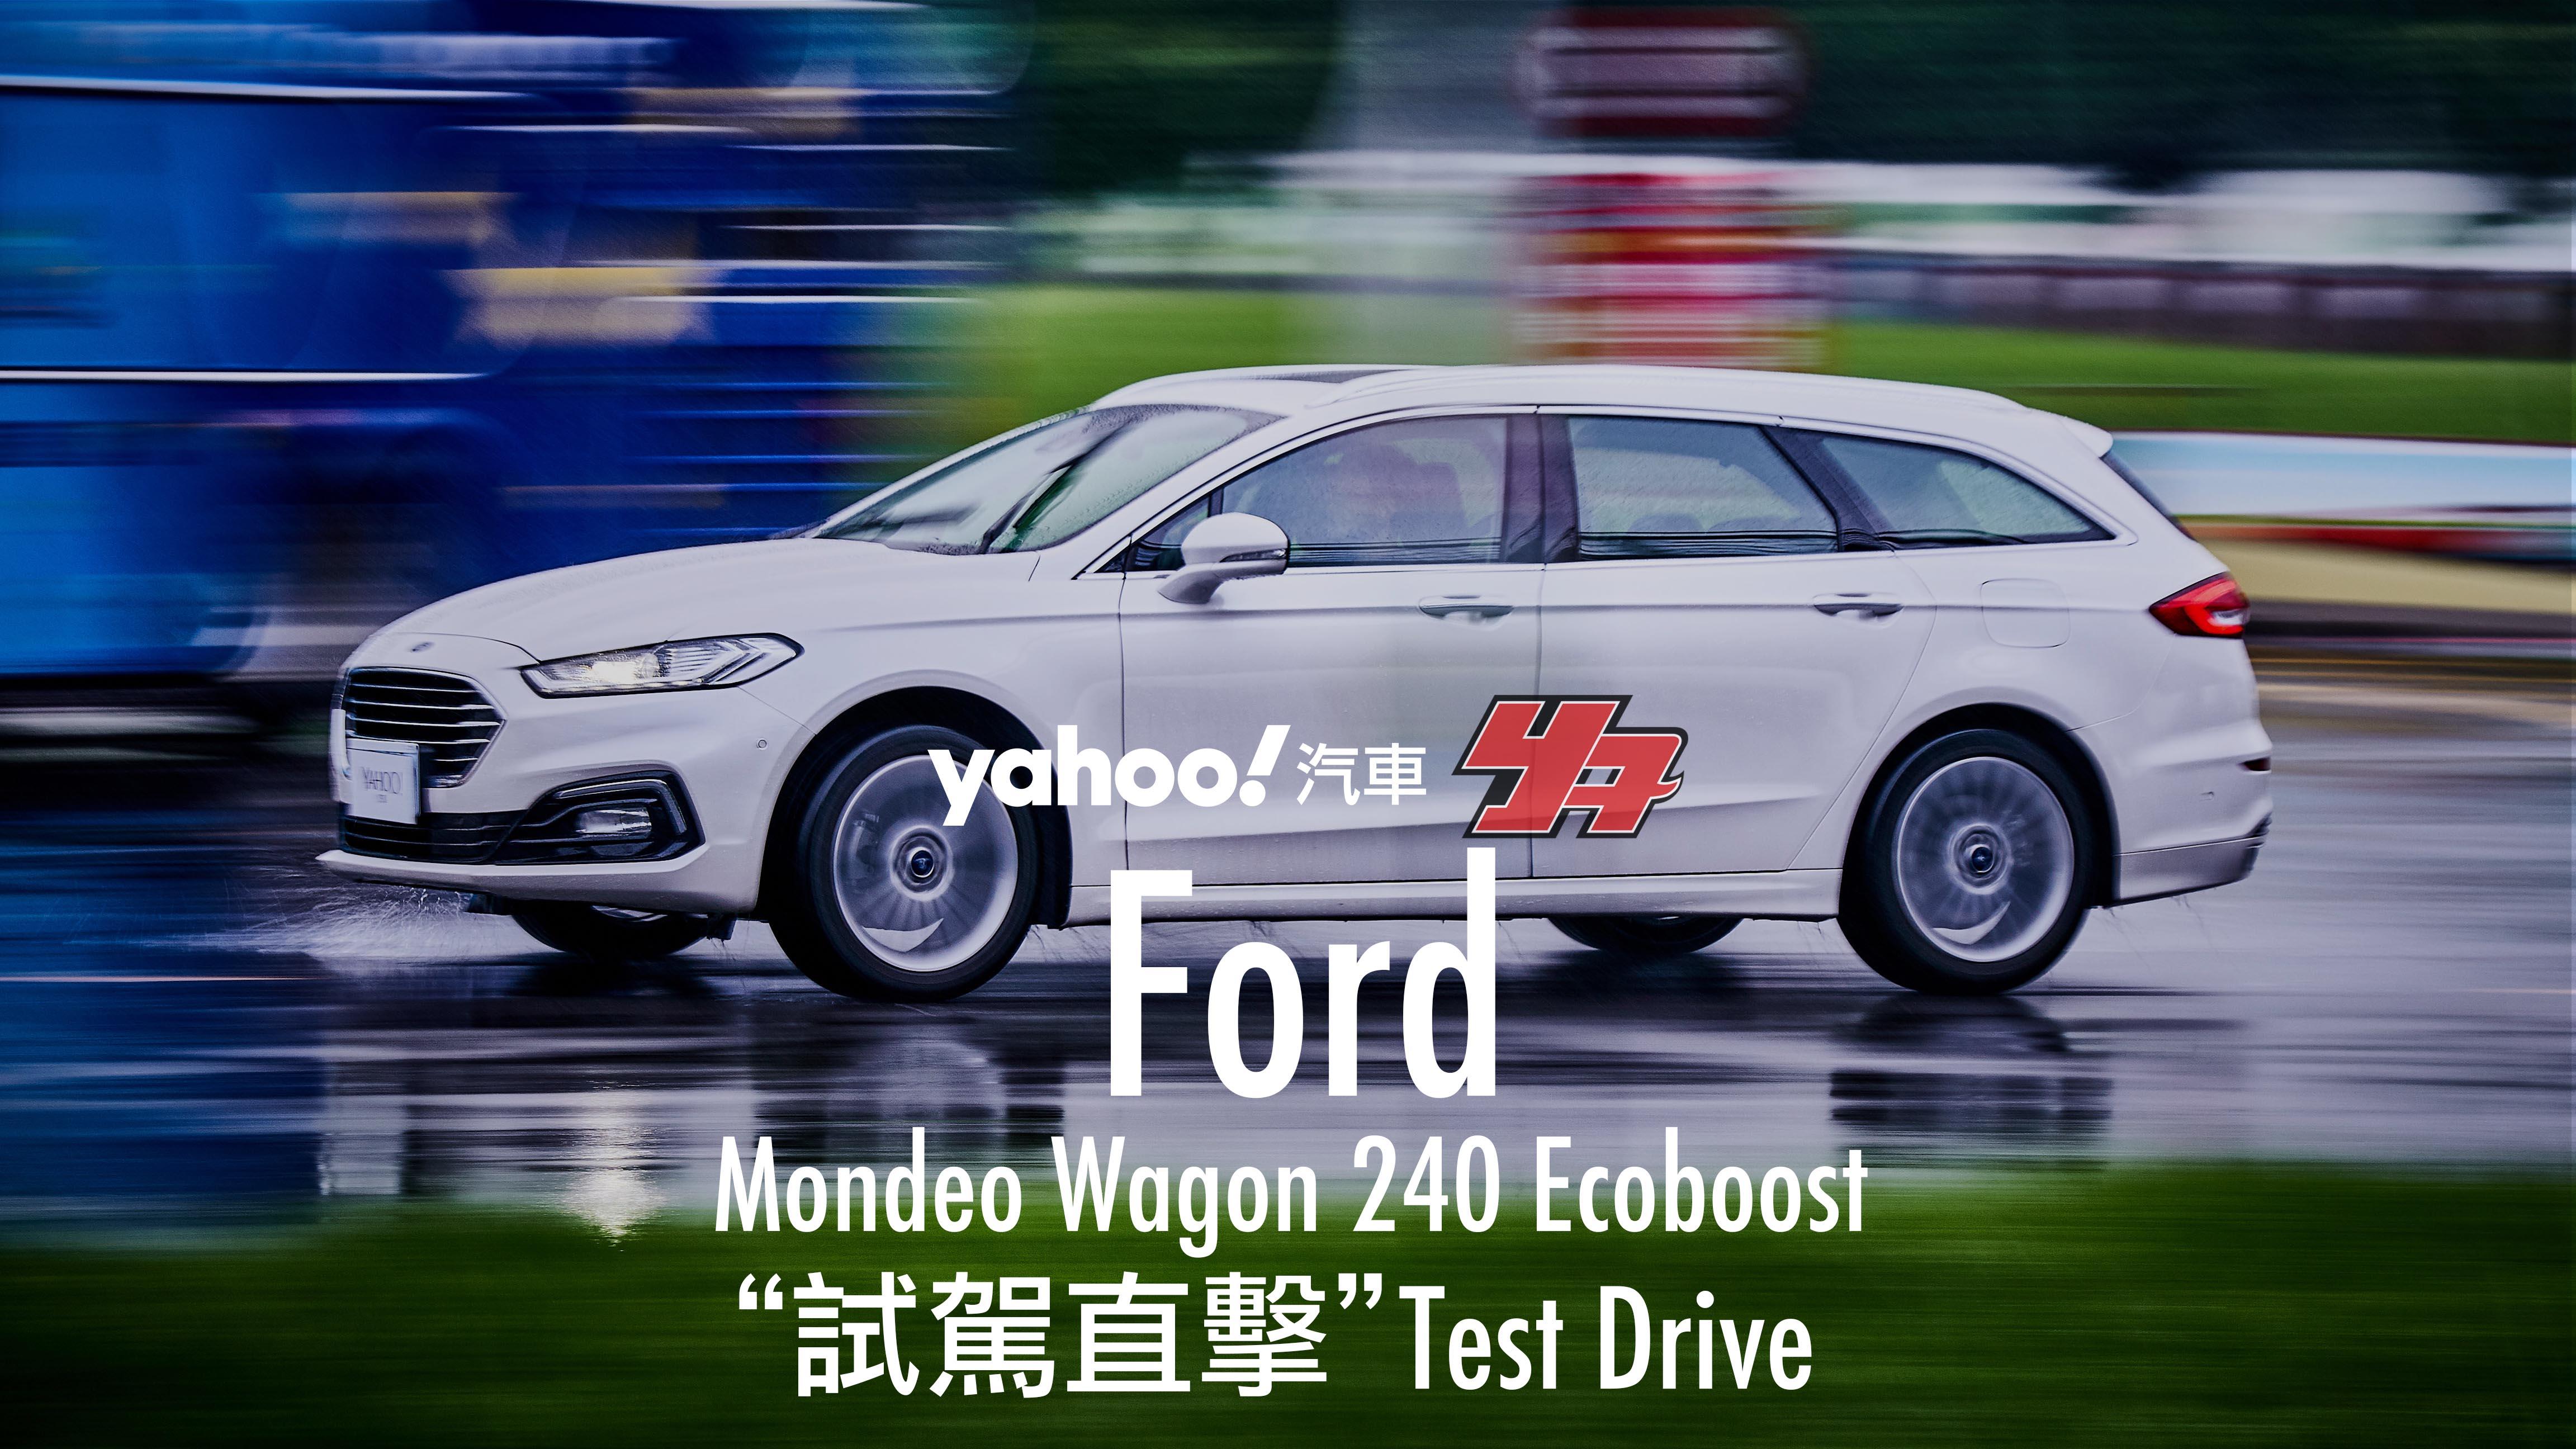 【試駕直擊】科技質男與鄉民正義!2019 Ford Mondeo Wagon EcoBoost 240都會試駕